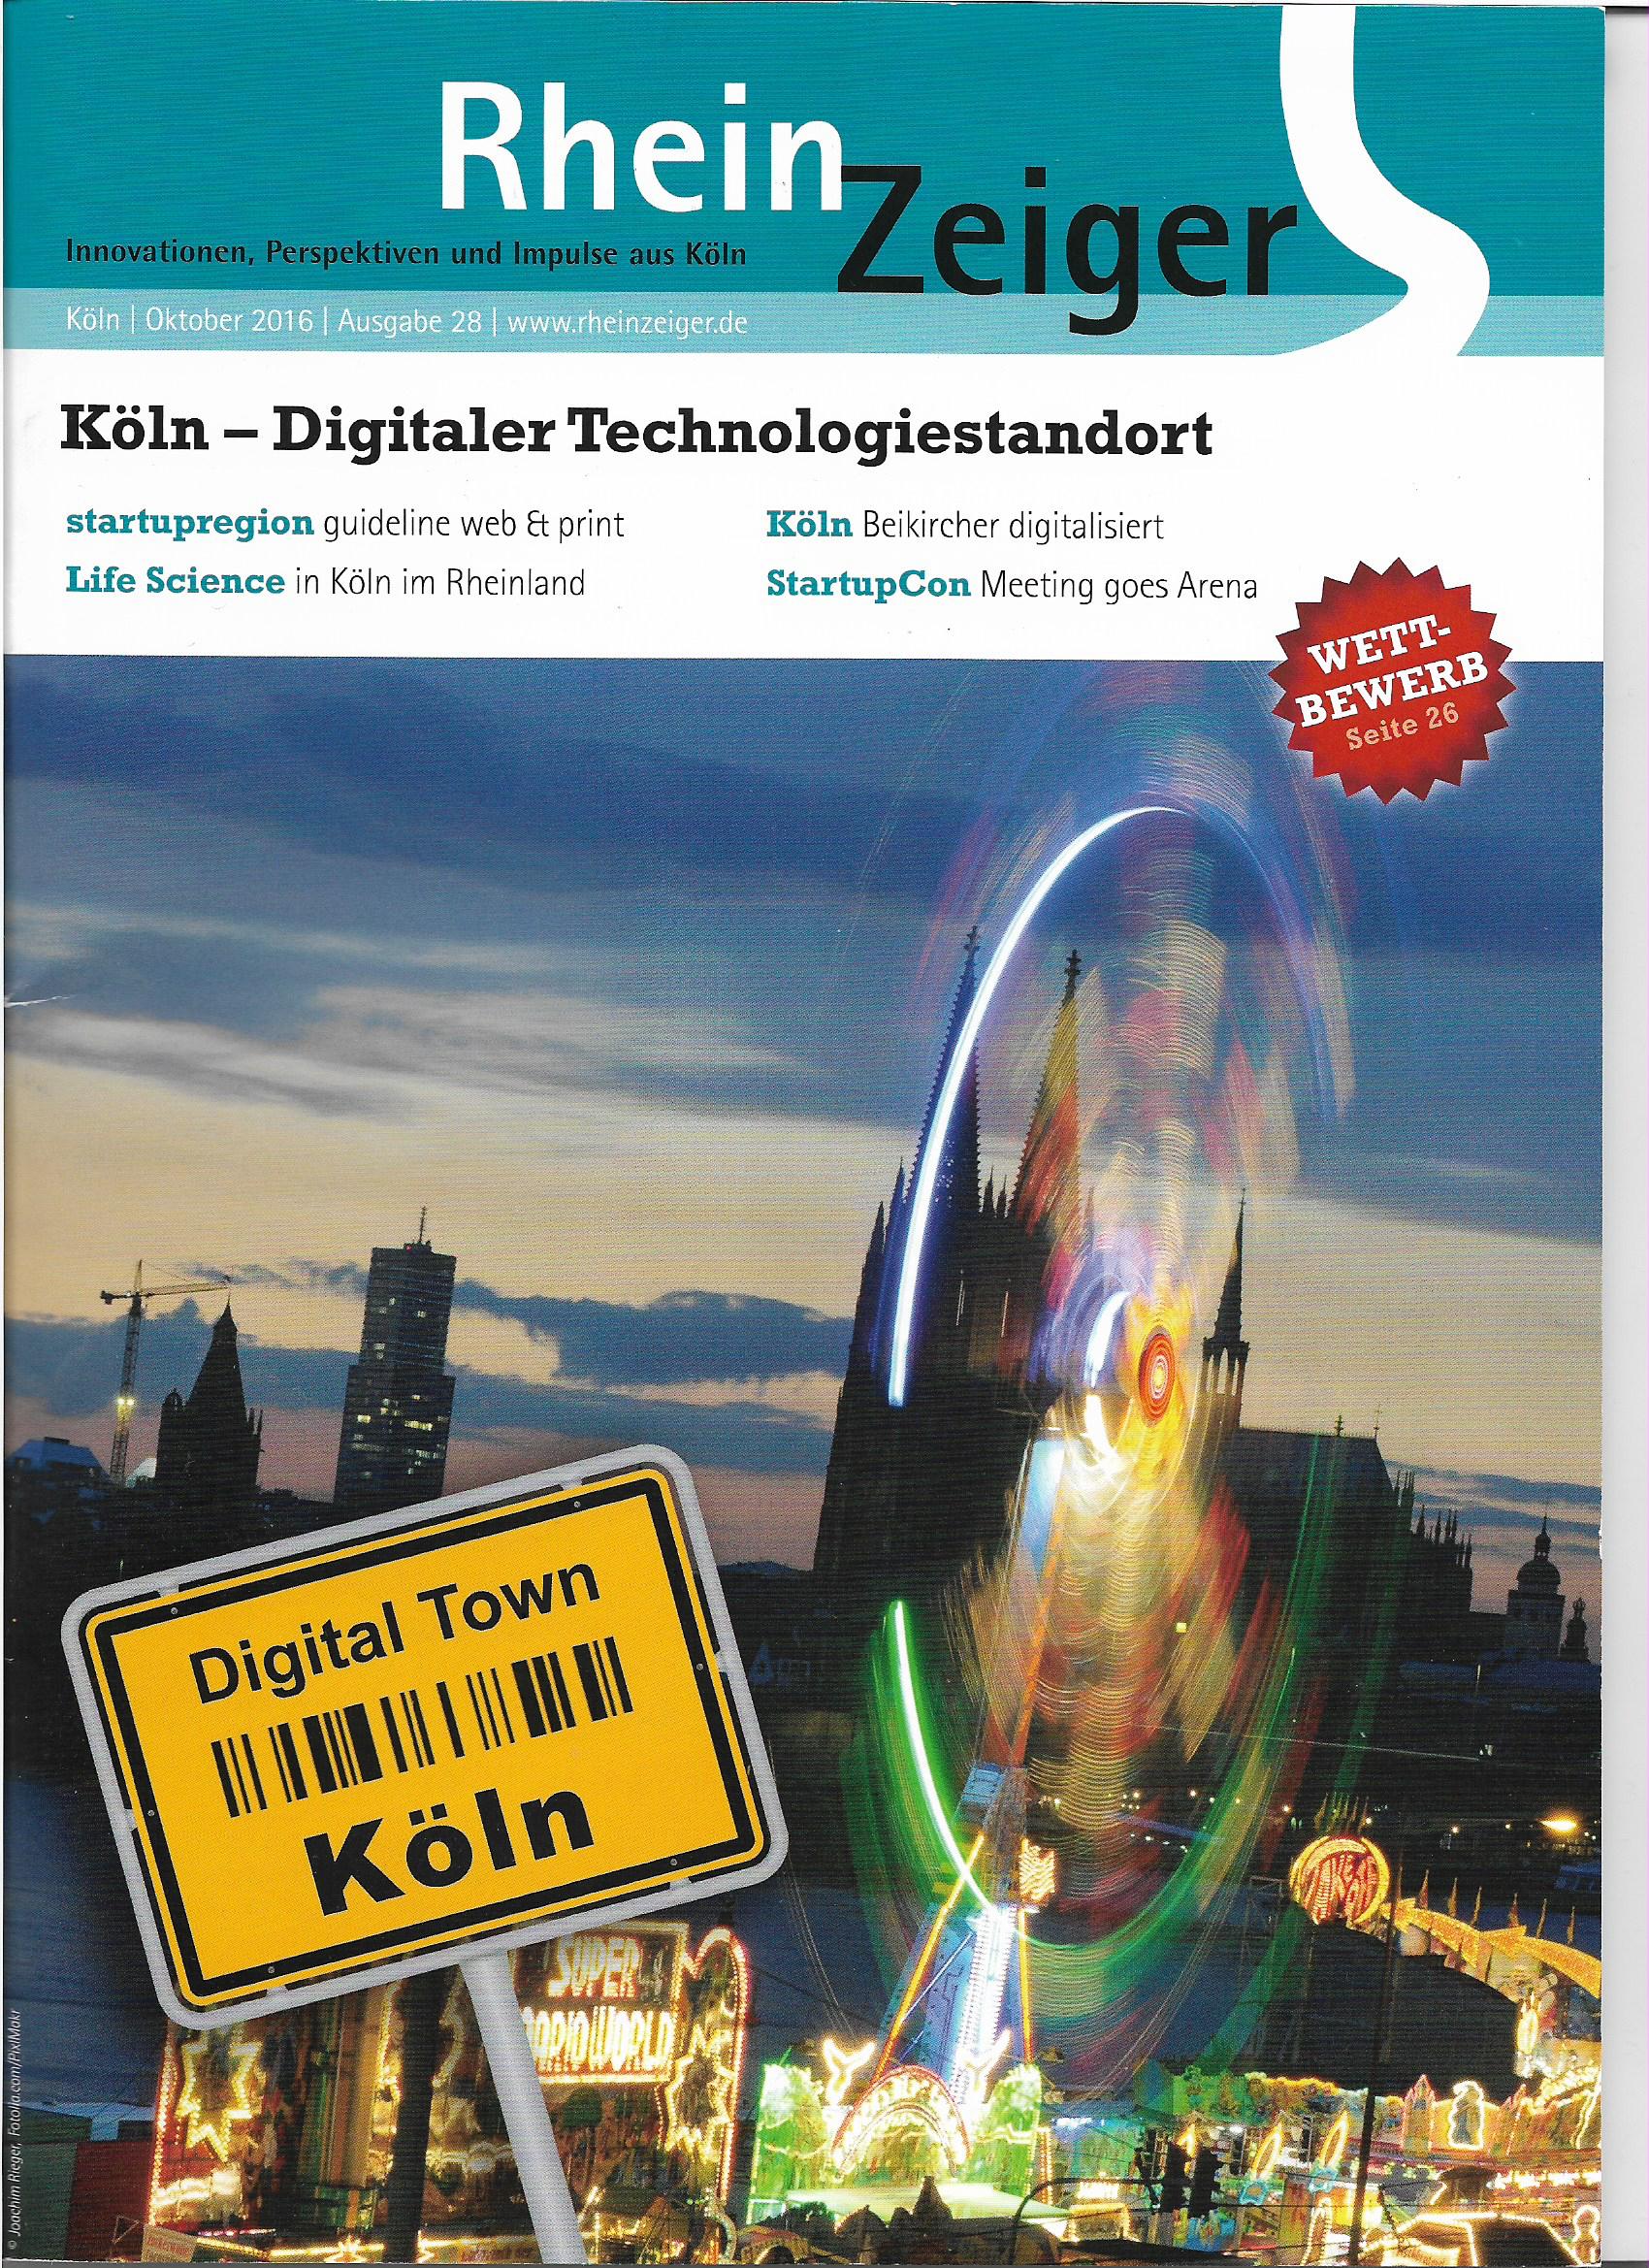 Rheinzeiger Titelblatt